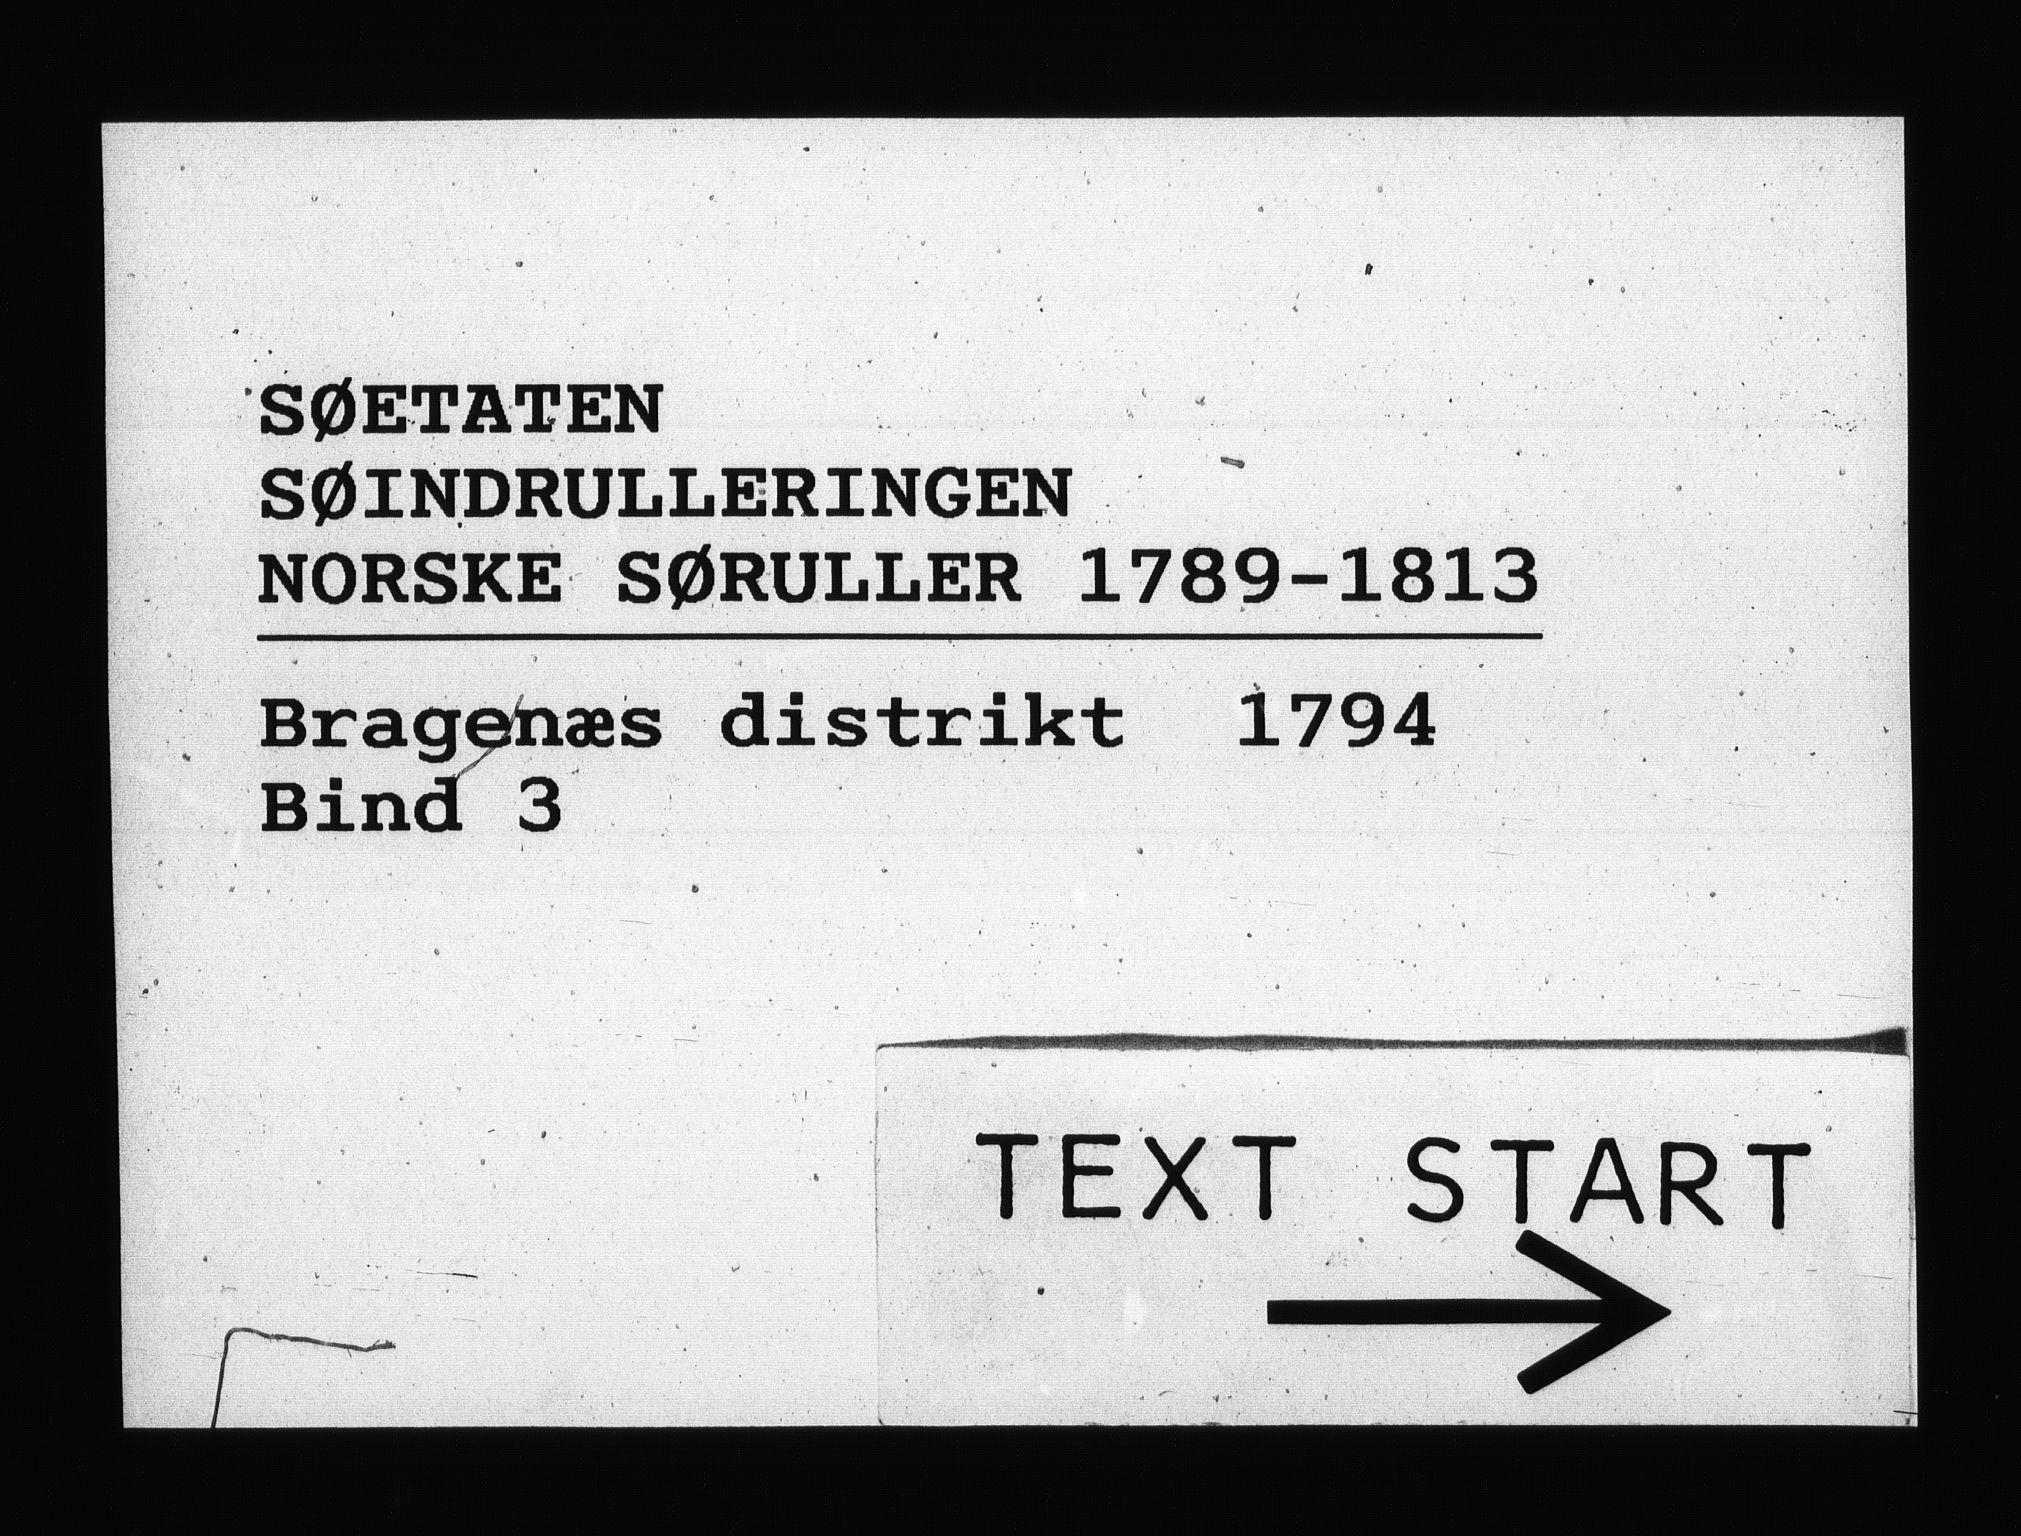 RA, Sjøetaten, F/L0114: Bragernes distrikt, bind 3, 1794